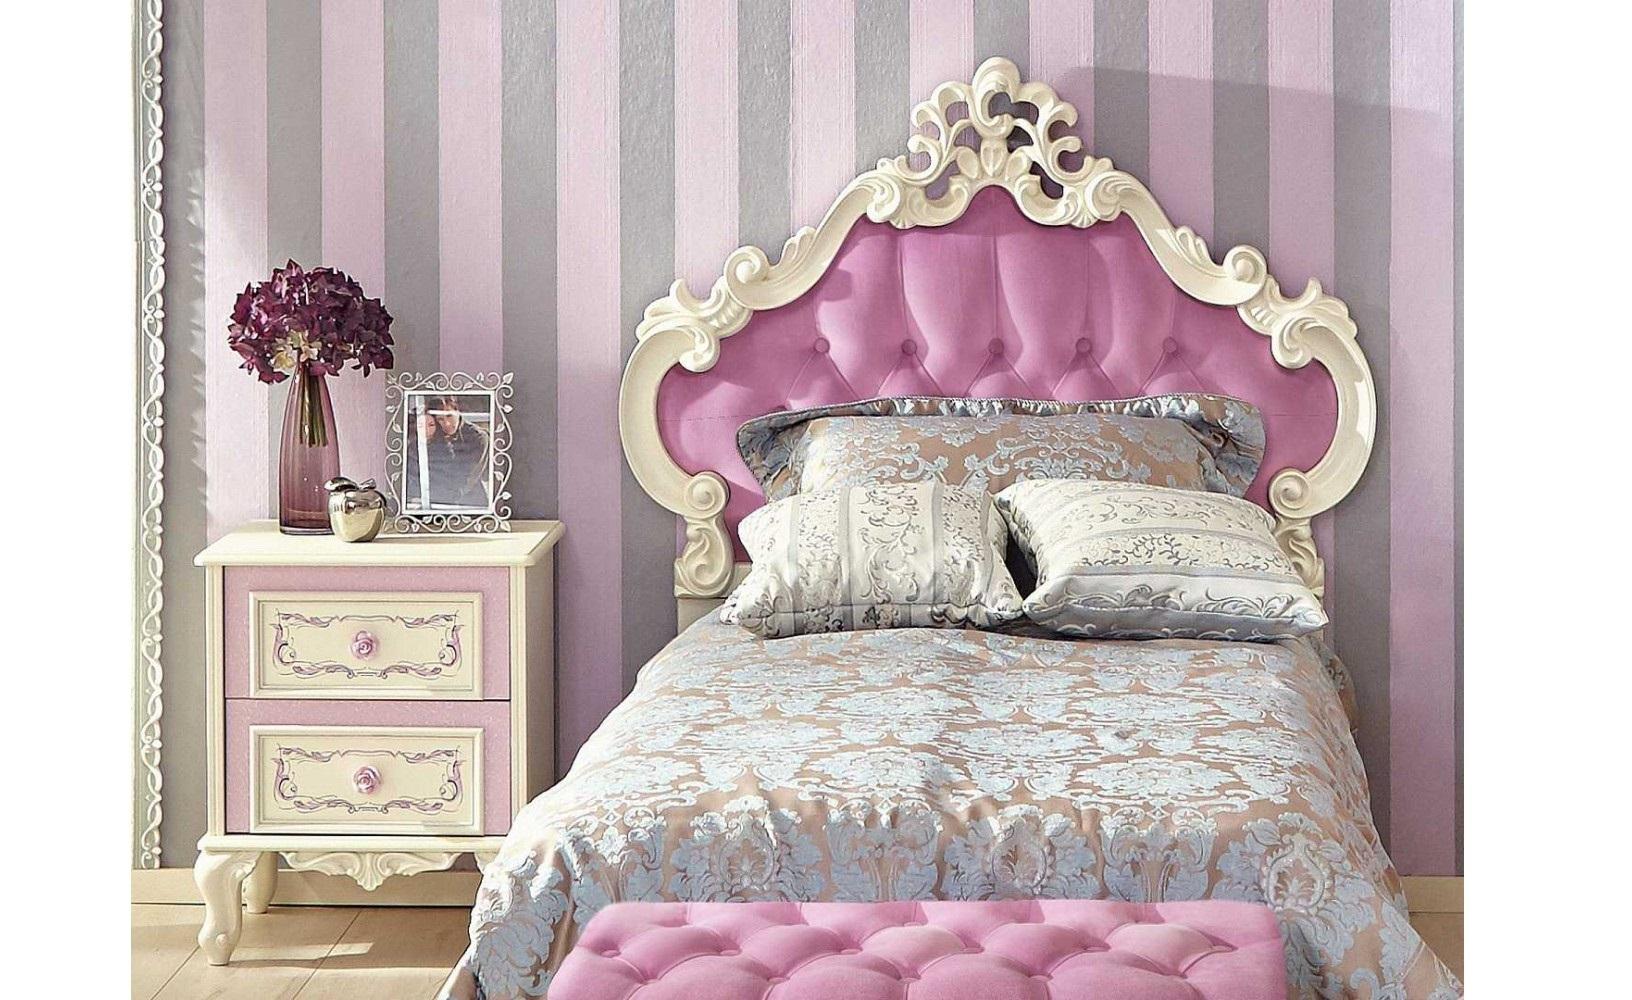 Full Size of Italienische Barockmbel Sicher Und Schnell Online Gnstig Wohnzimmer Mädchenbetten